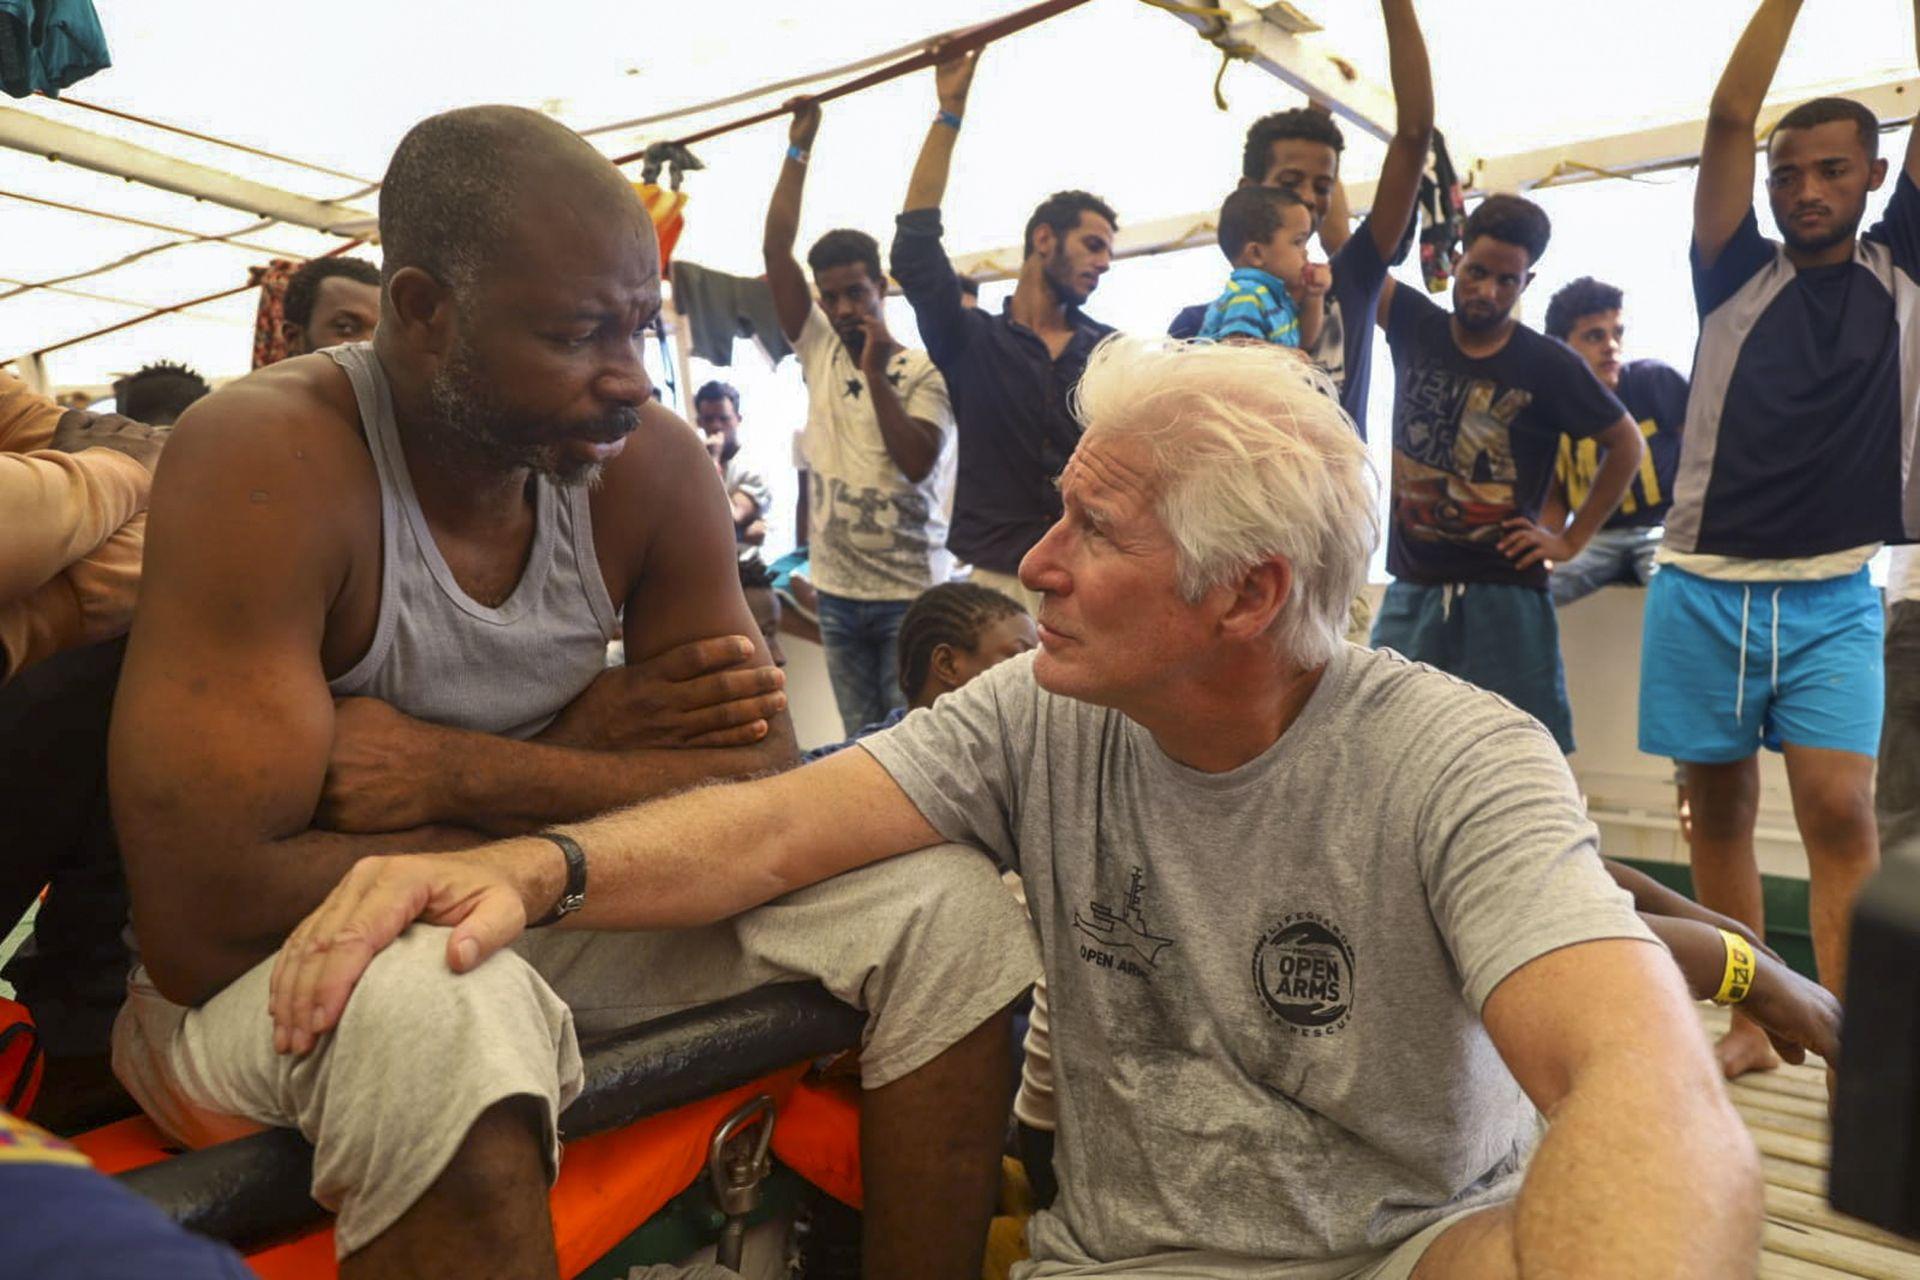 Ричард Гиър на кораб с мигранти